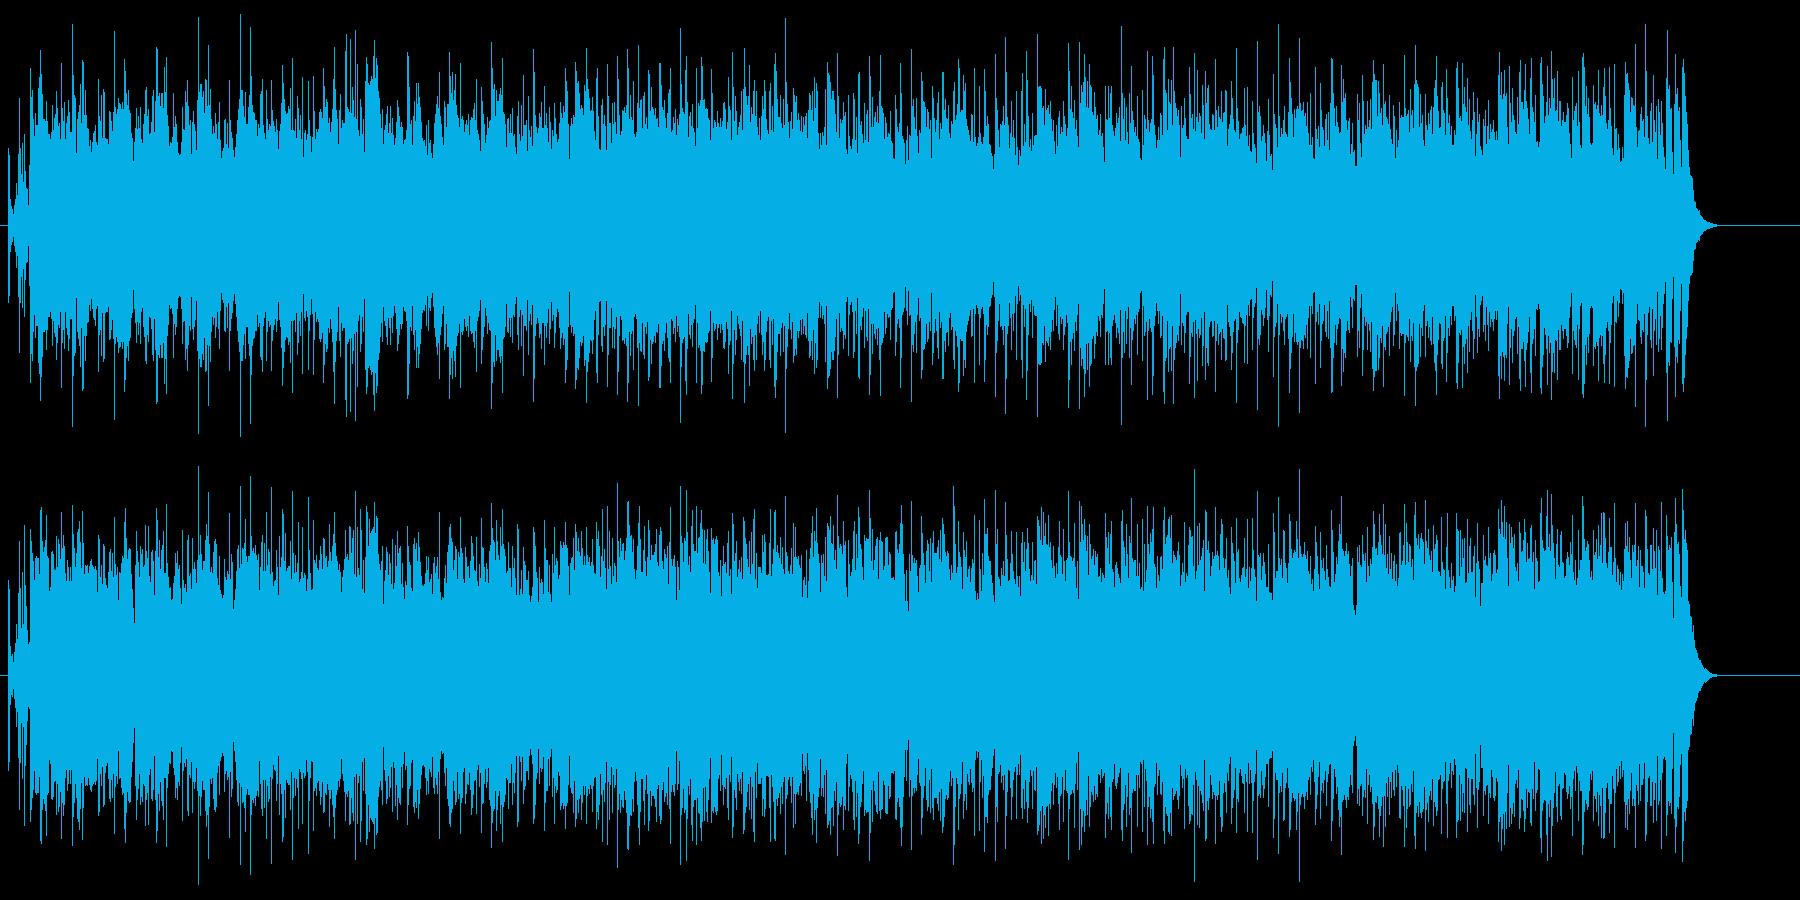 歌謡曲アレンジのメッセージソング風の再生済みの波形